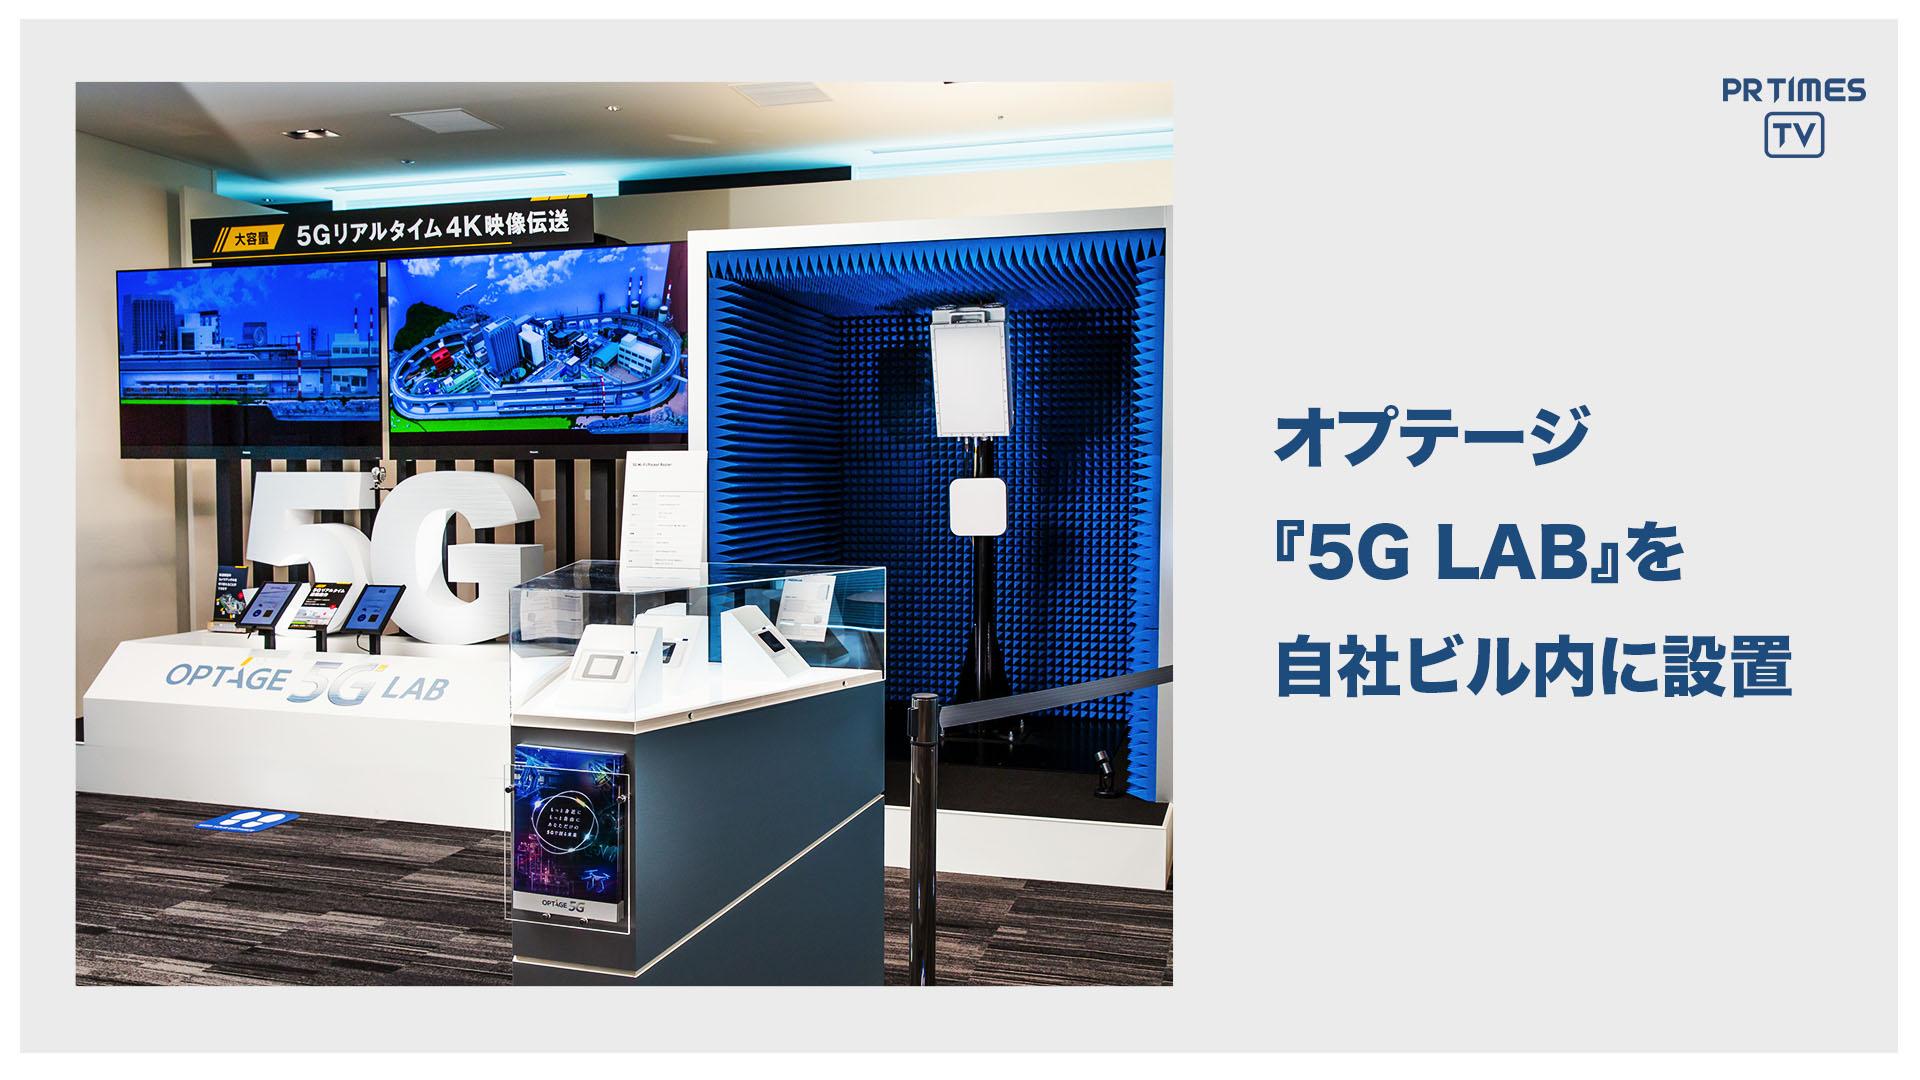 オプテージ、「ローカル5G」で西日本初のオープンラボ『OPTAGE 5G LAB』を開設